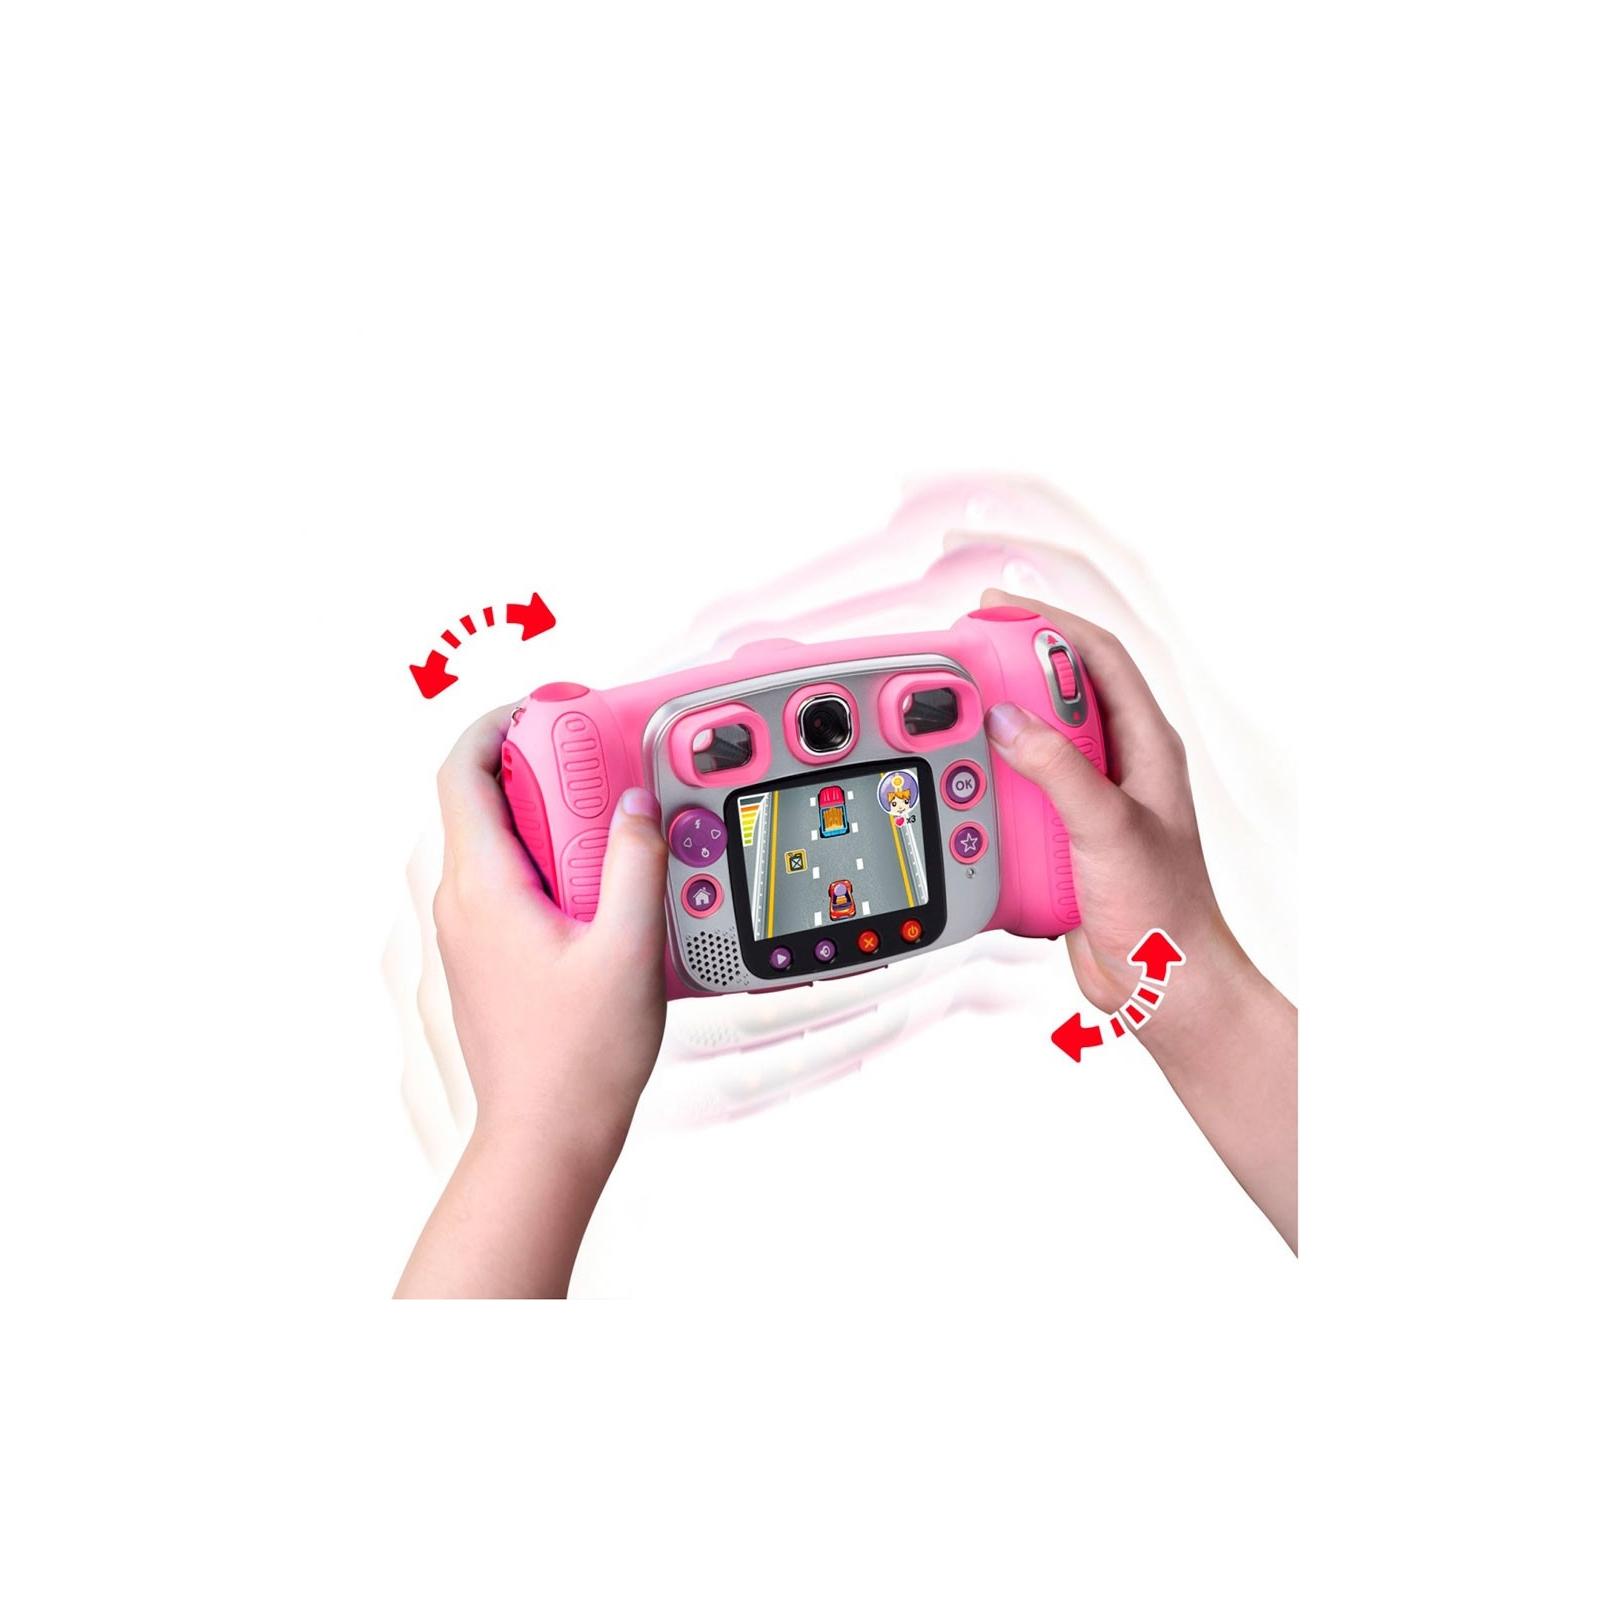 Интерактивная игрушка VTech Детская цифровая фотокамера Kidizoom Duo Pink (80-170853) изображение 5